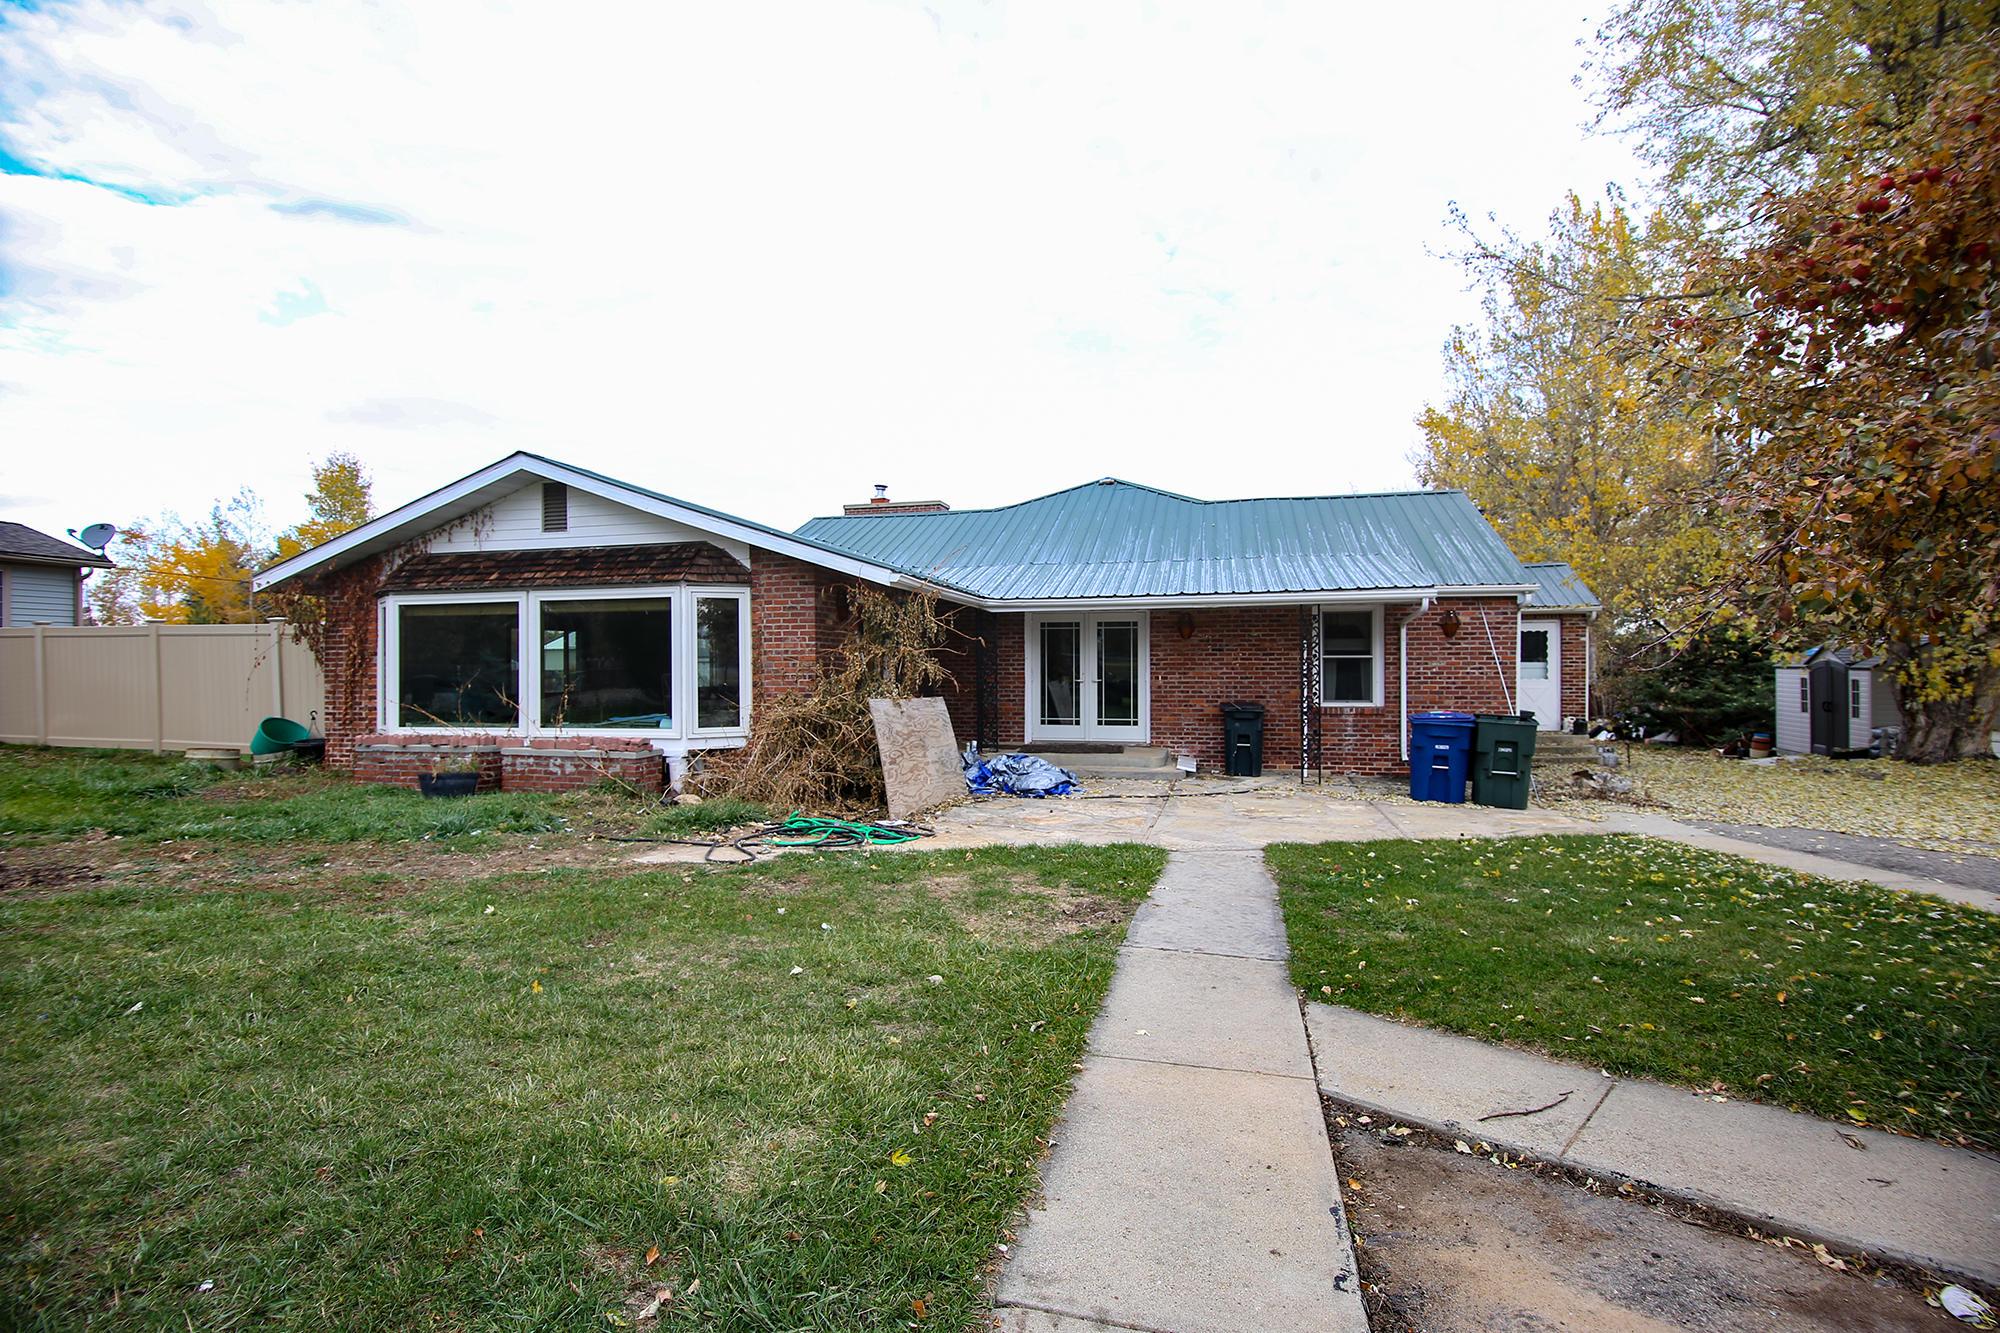 845 Absaraka Street, Sheridan, Wyoming 82801, 4 Bedrooms Bedrooms, ,3.5 BathroomsBathrooms,Residential,For Sale,Absaraka,18-1128